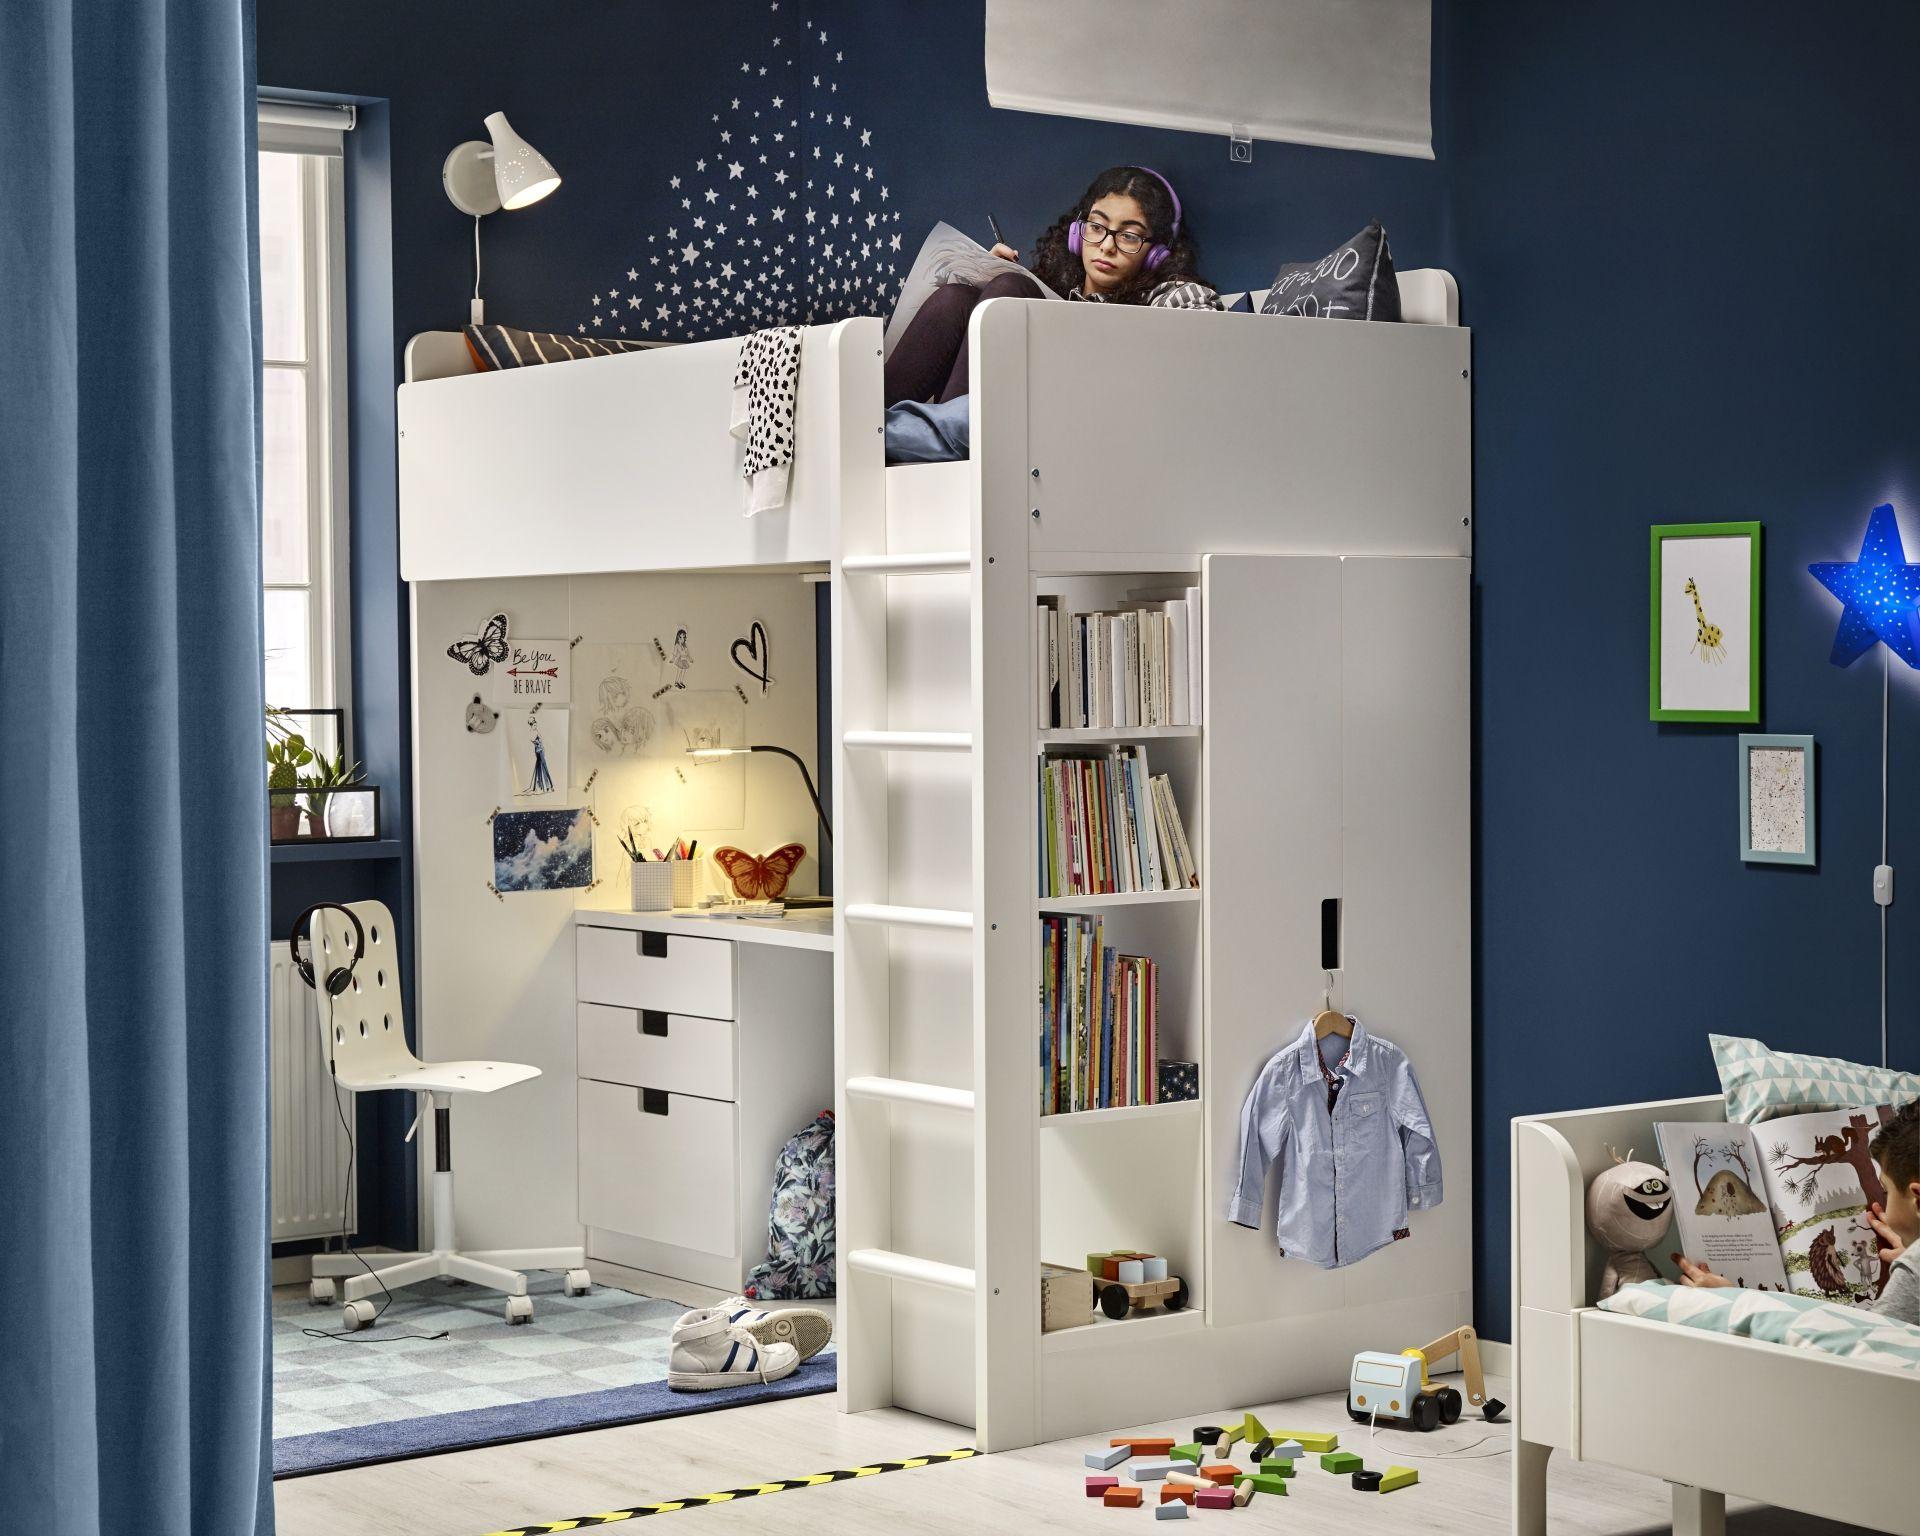 Ikea kinder hoogslaper ideeen beste ideen over huis en interieur